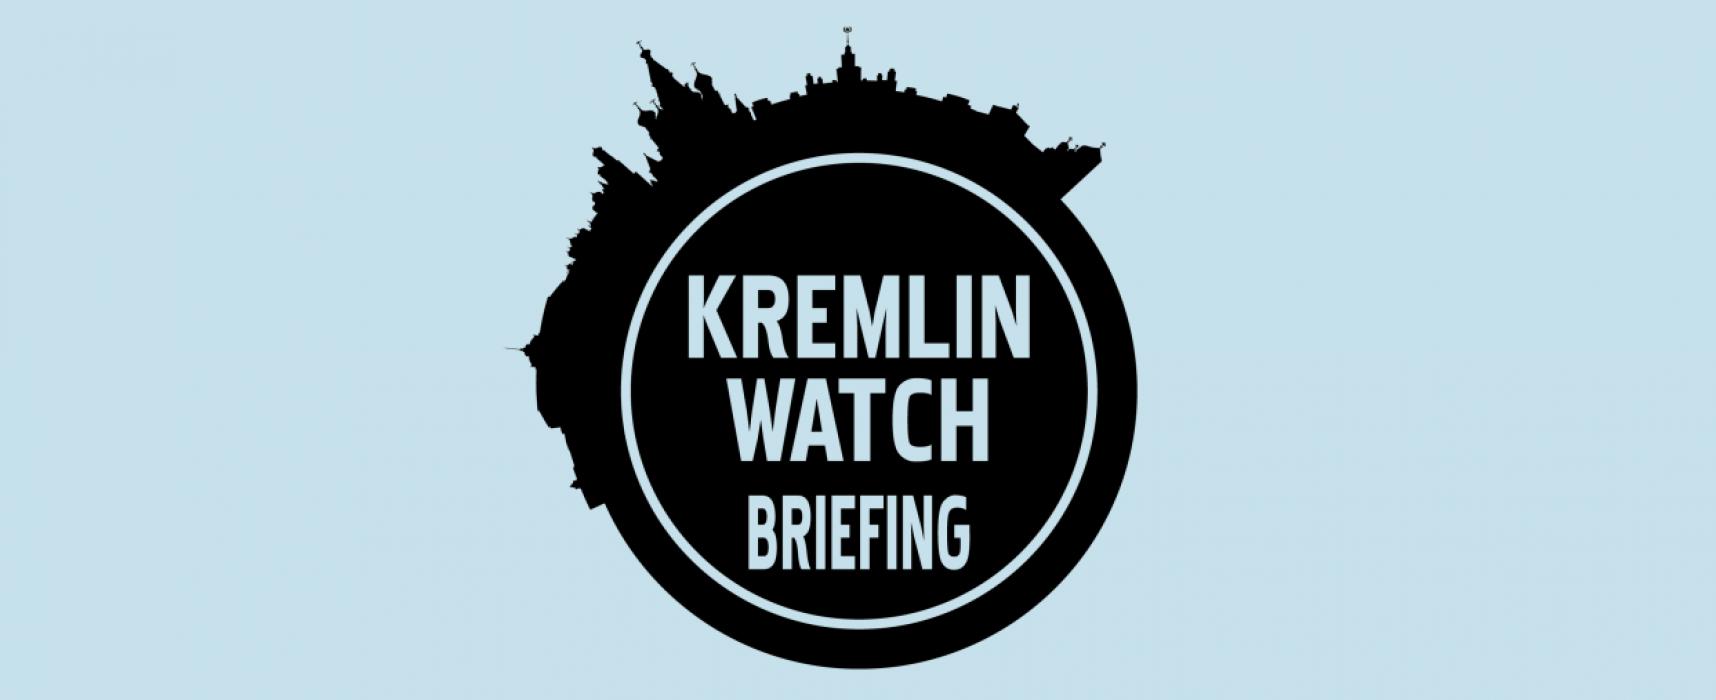 Kremlin Watch Briefing: Facebook's arms race or just more PR?